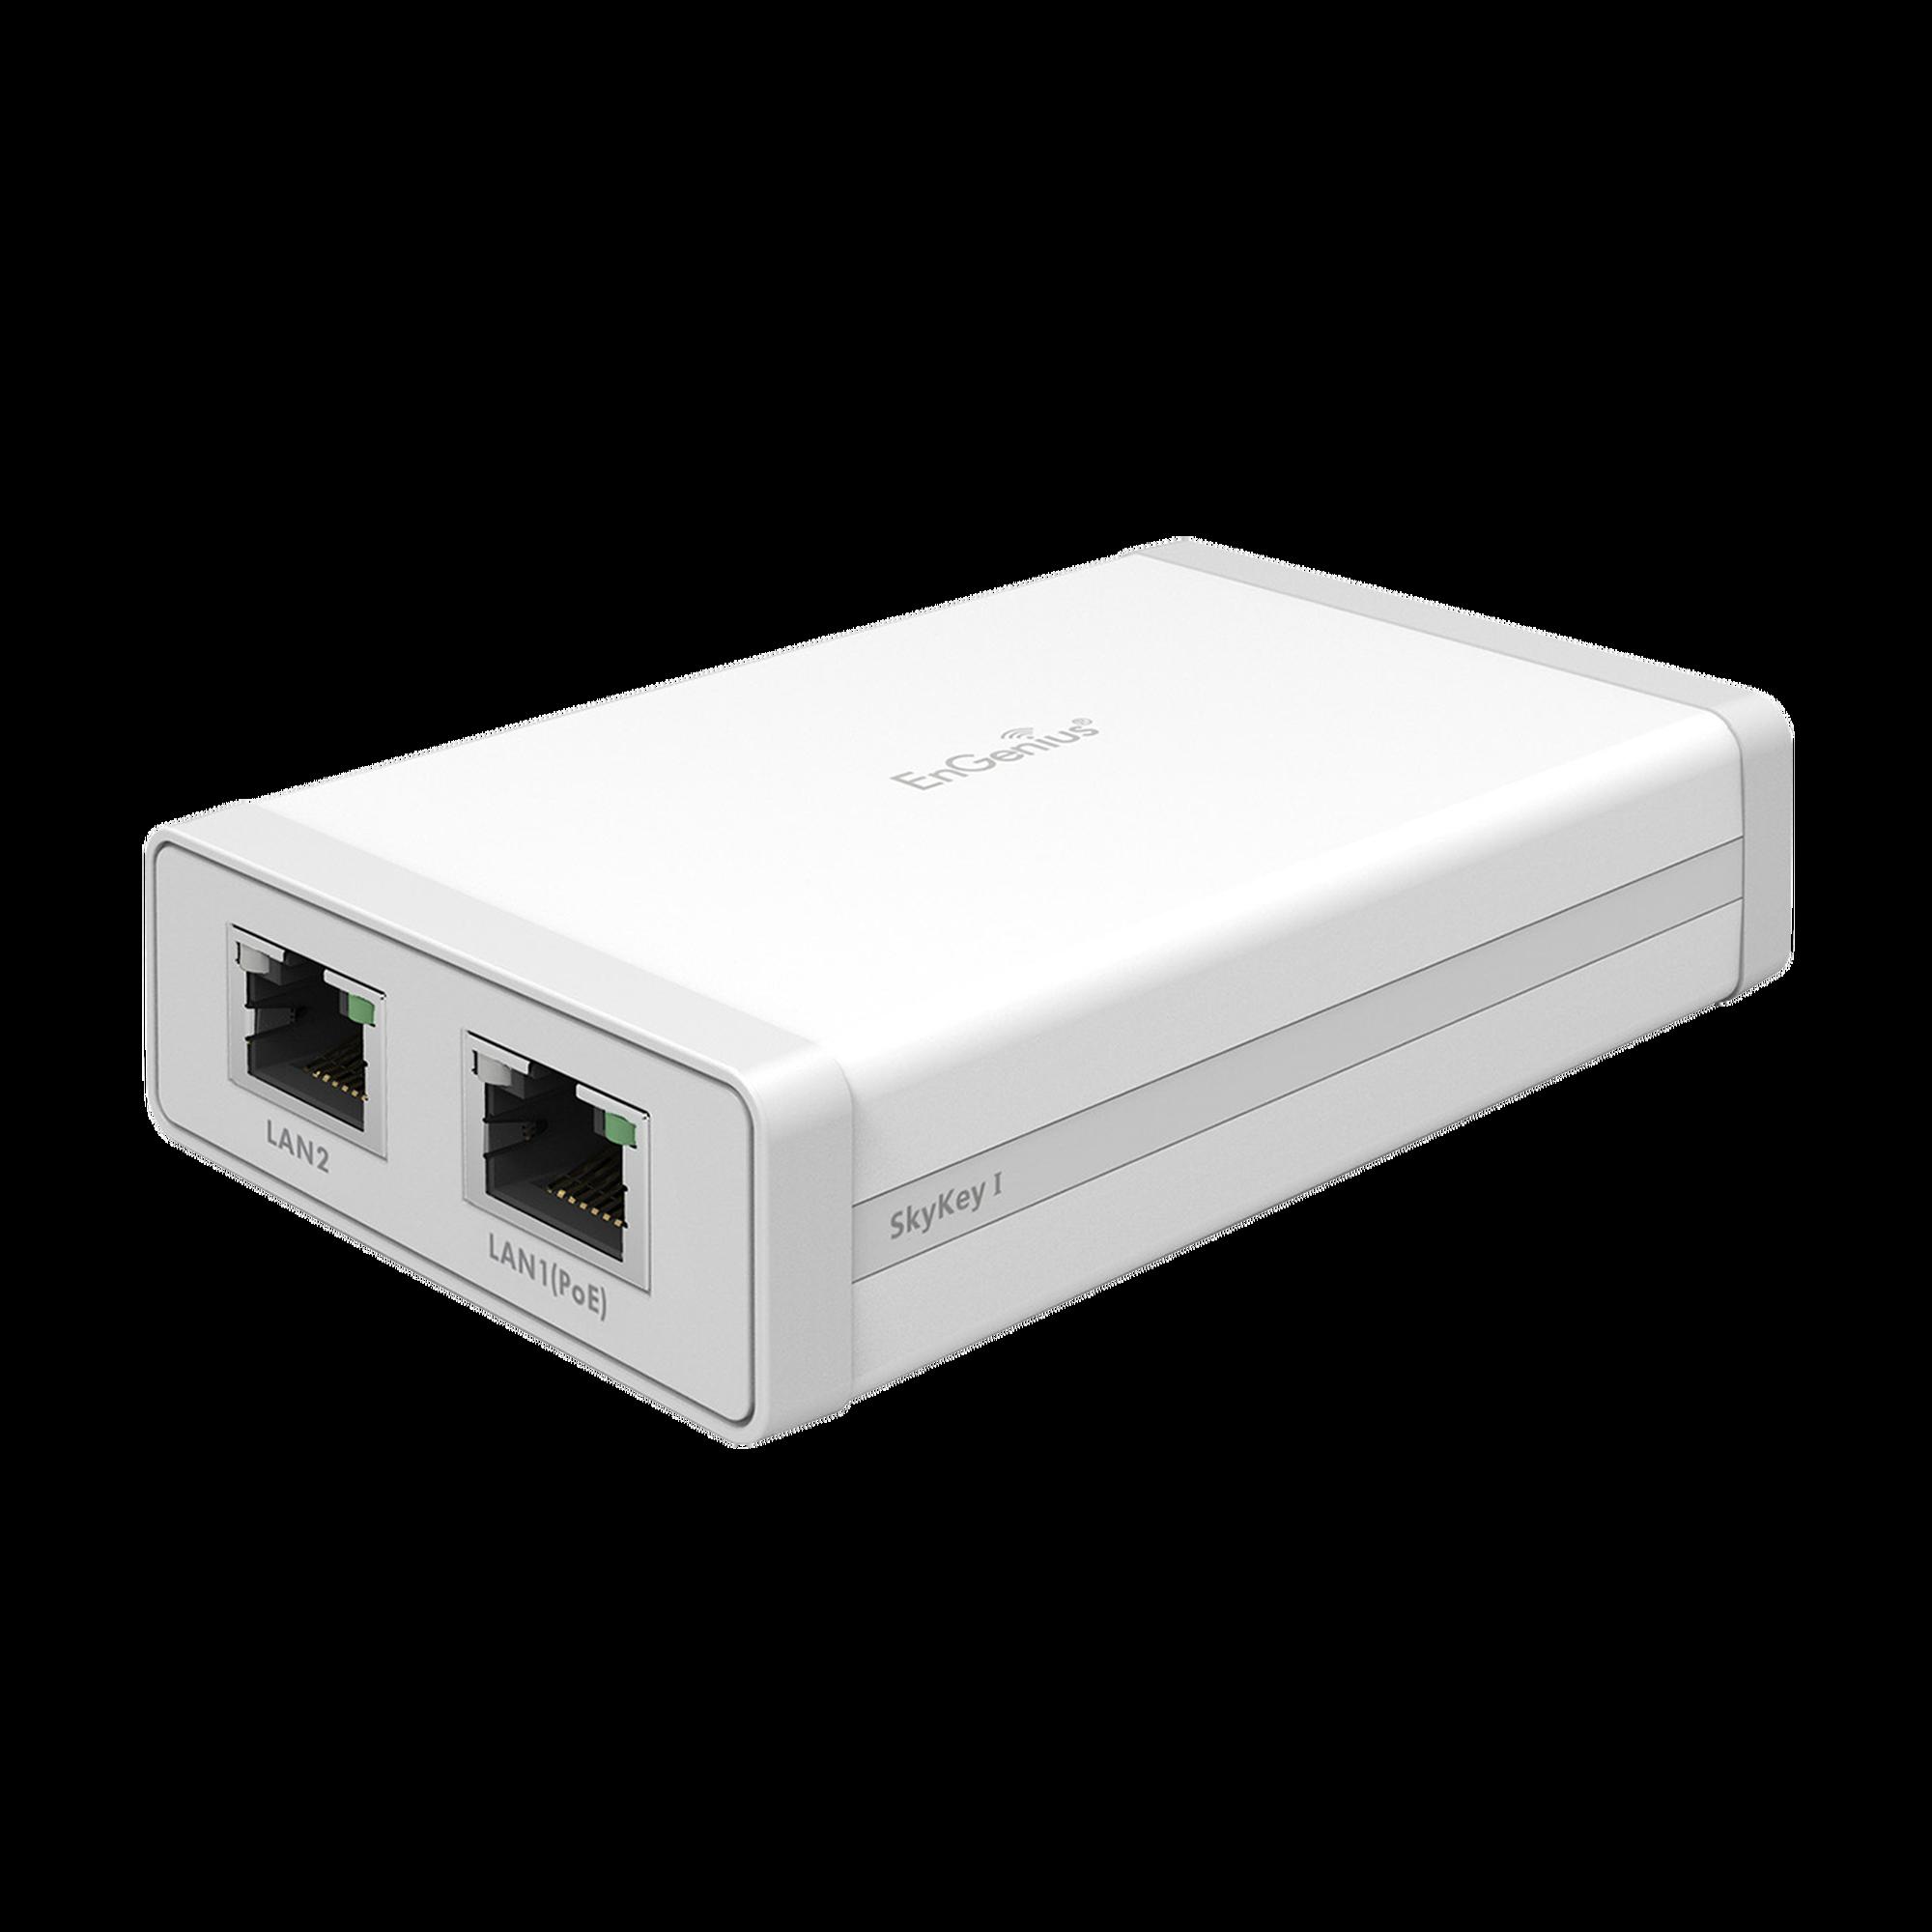 Controlador de red local con gestión en la nube/ Soporta hasta 100 puntos de Acceso EnGenius/ Soporta PoE 802.3 af/ Plataforma ezMaster integrada